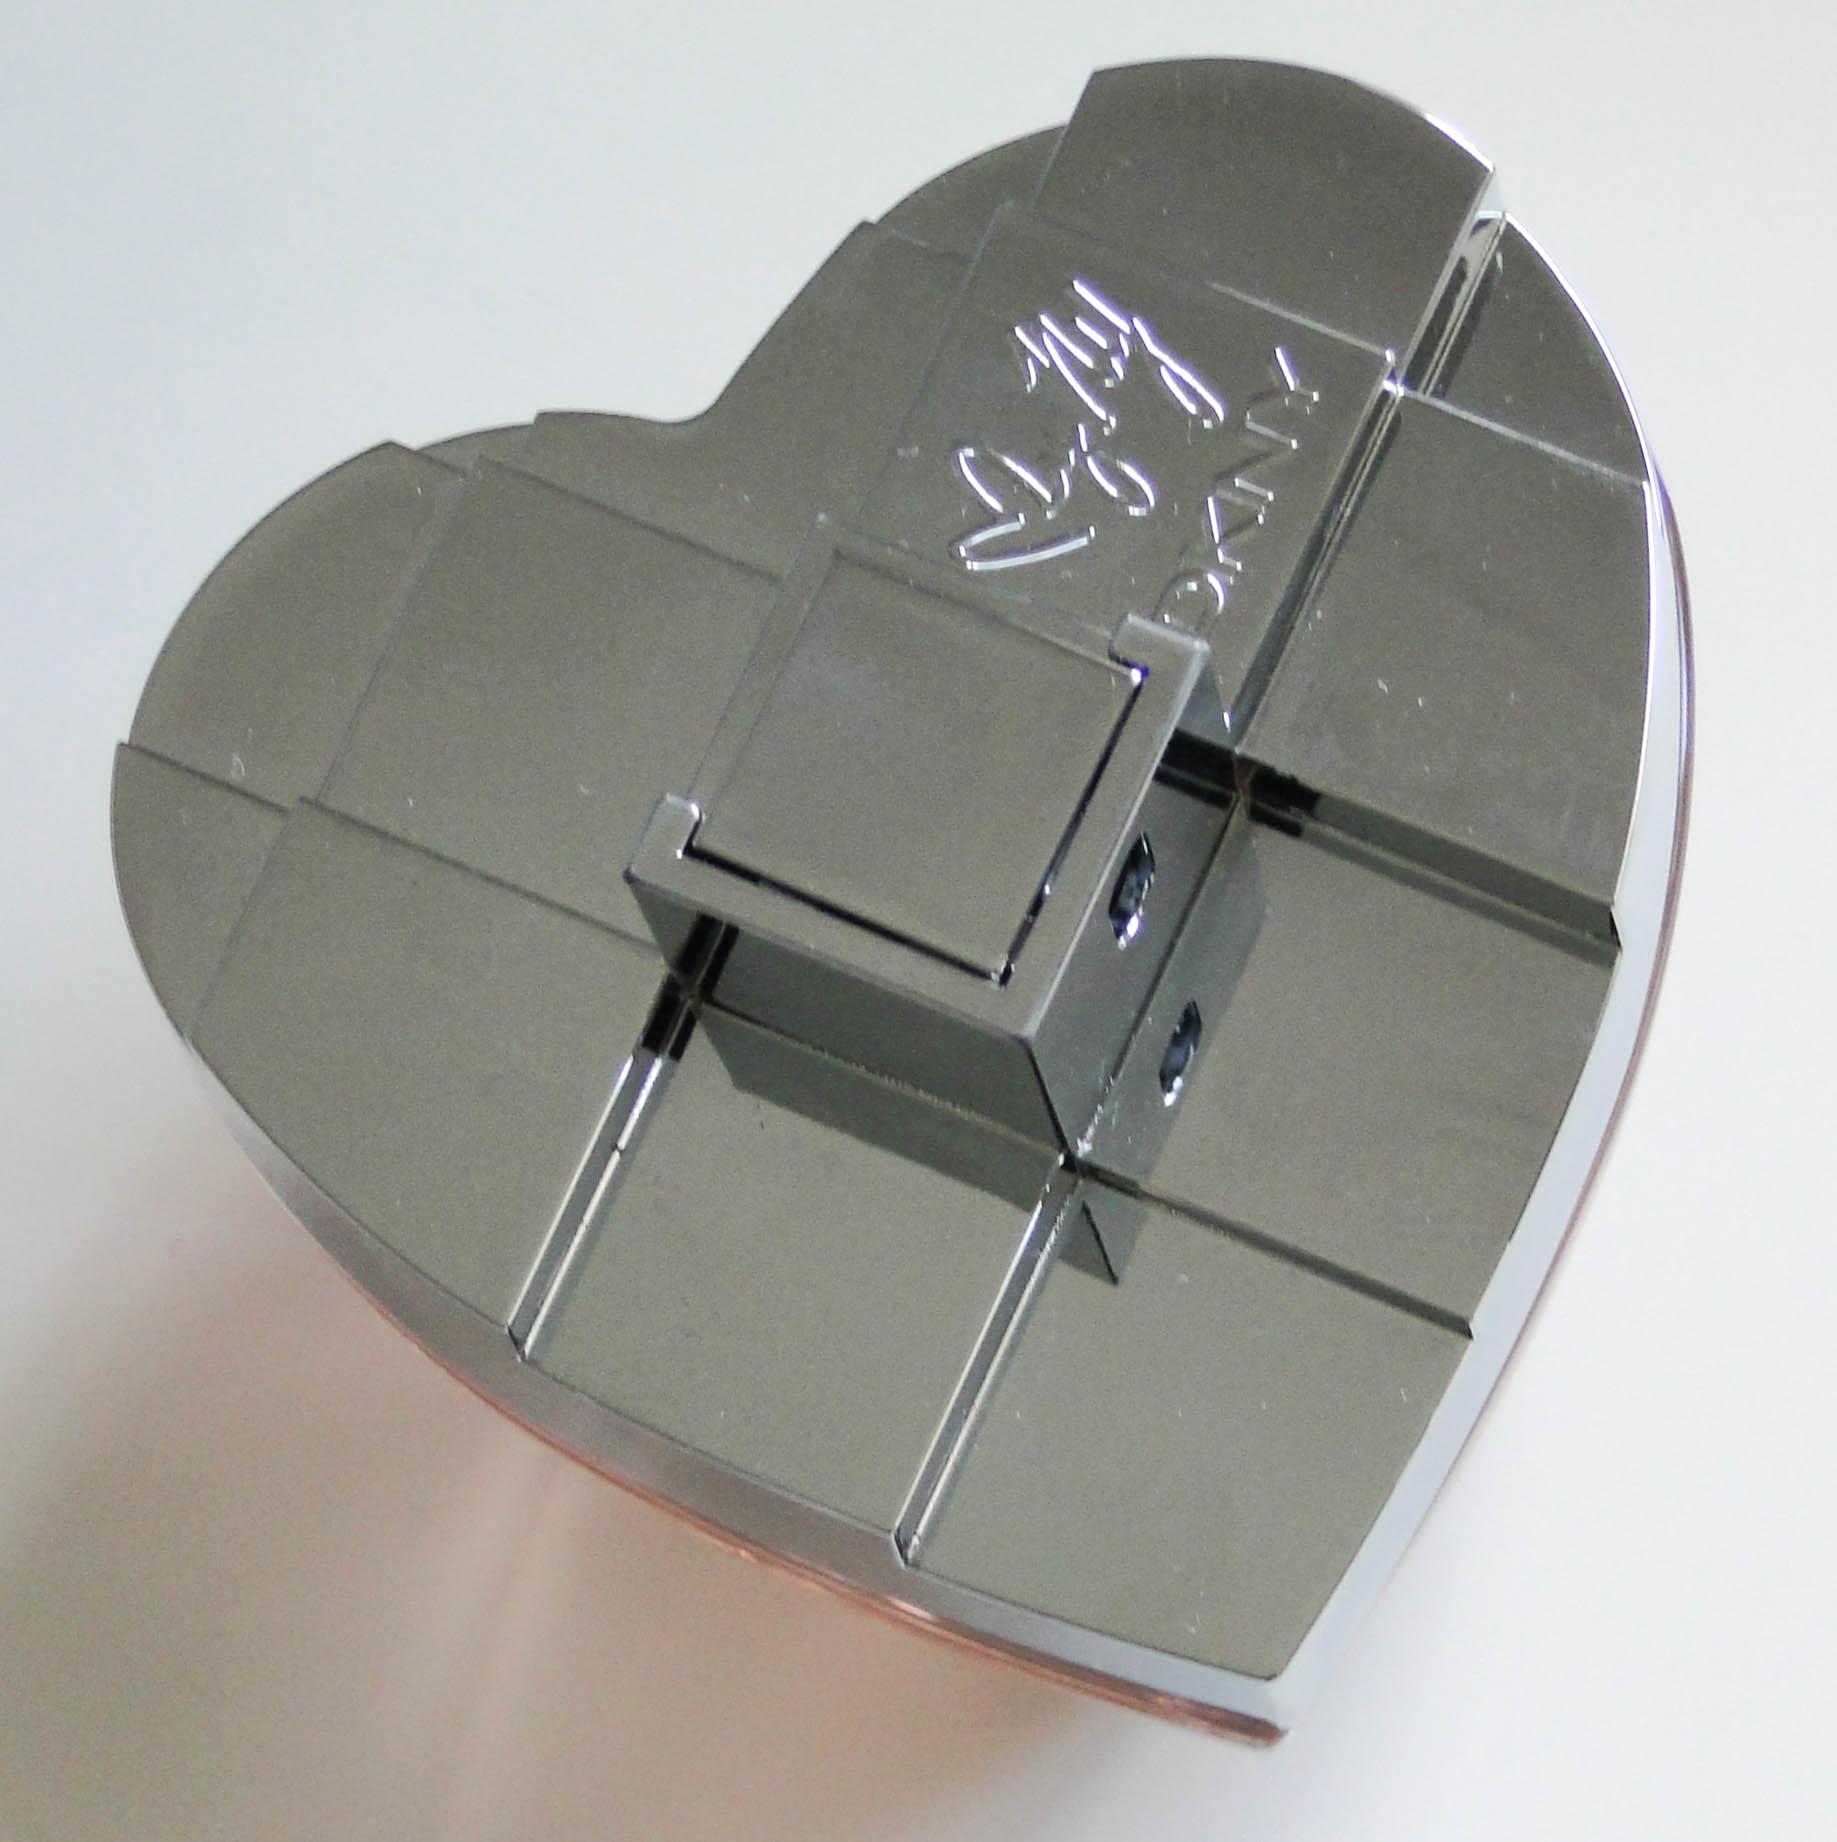 DKNY MYNY Eau de Parfum-2